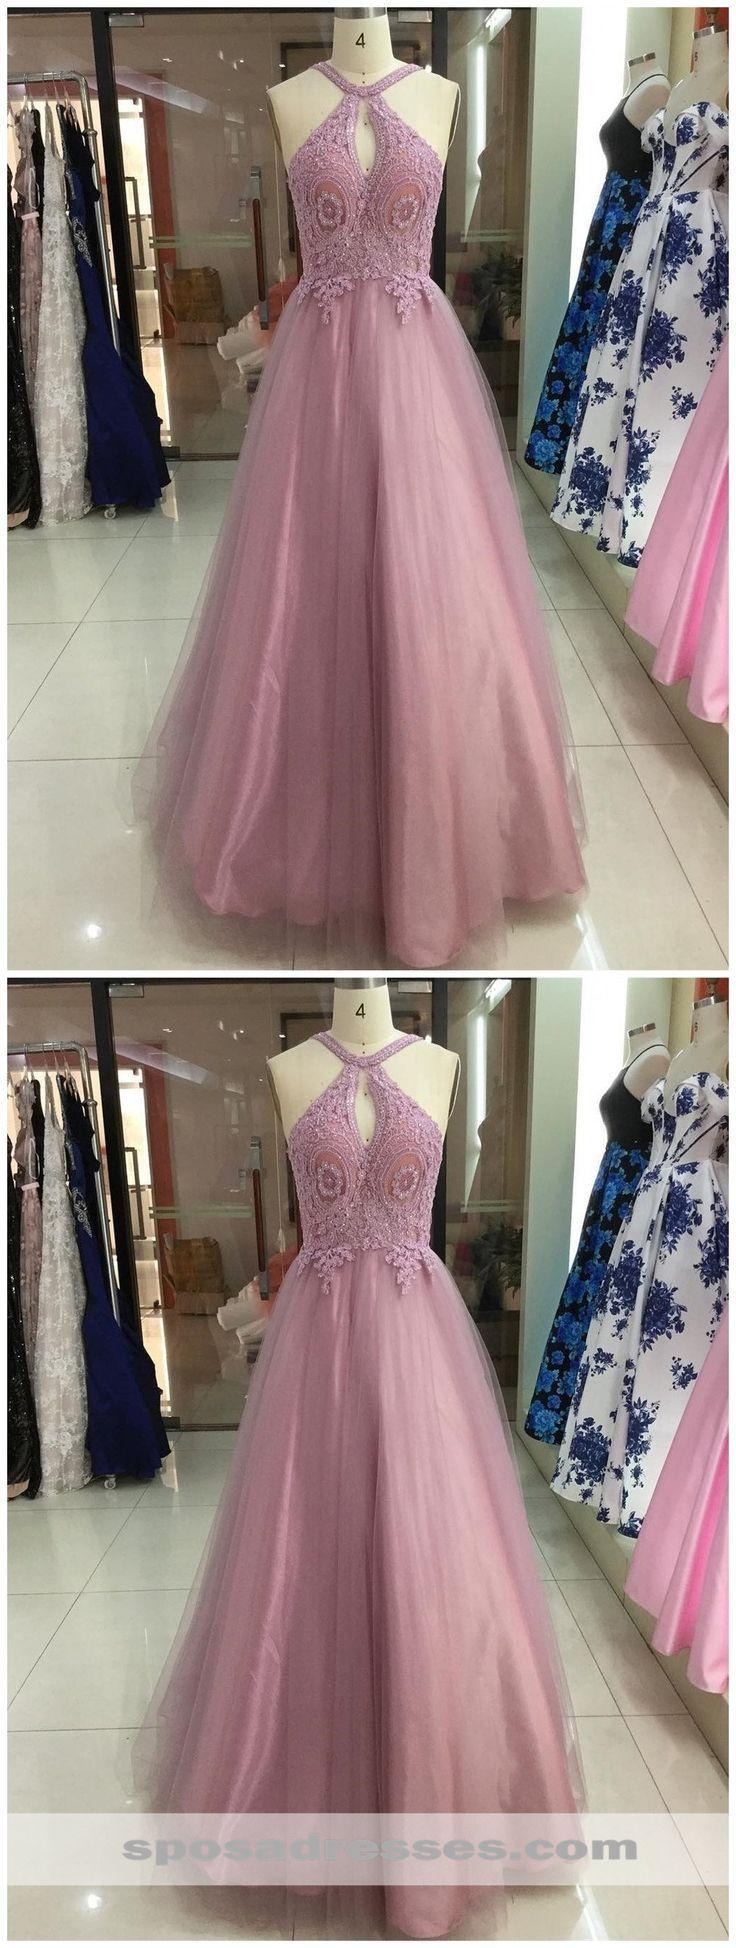 pink lace applique a-line long evening prom dresses, cheap